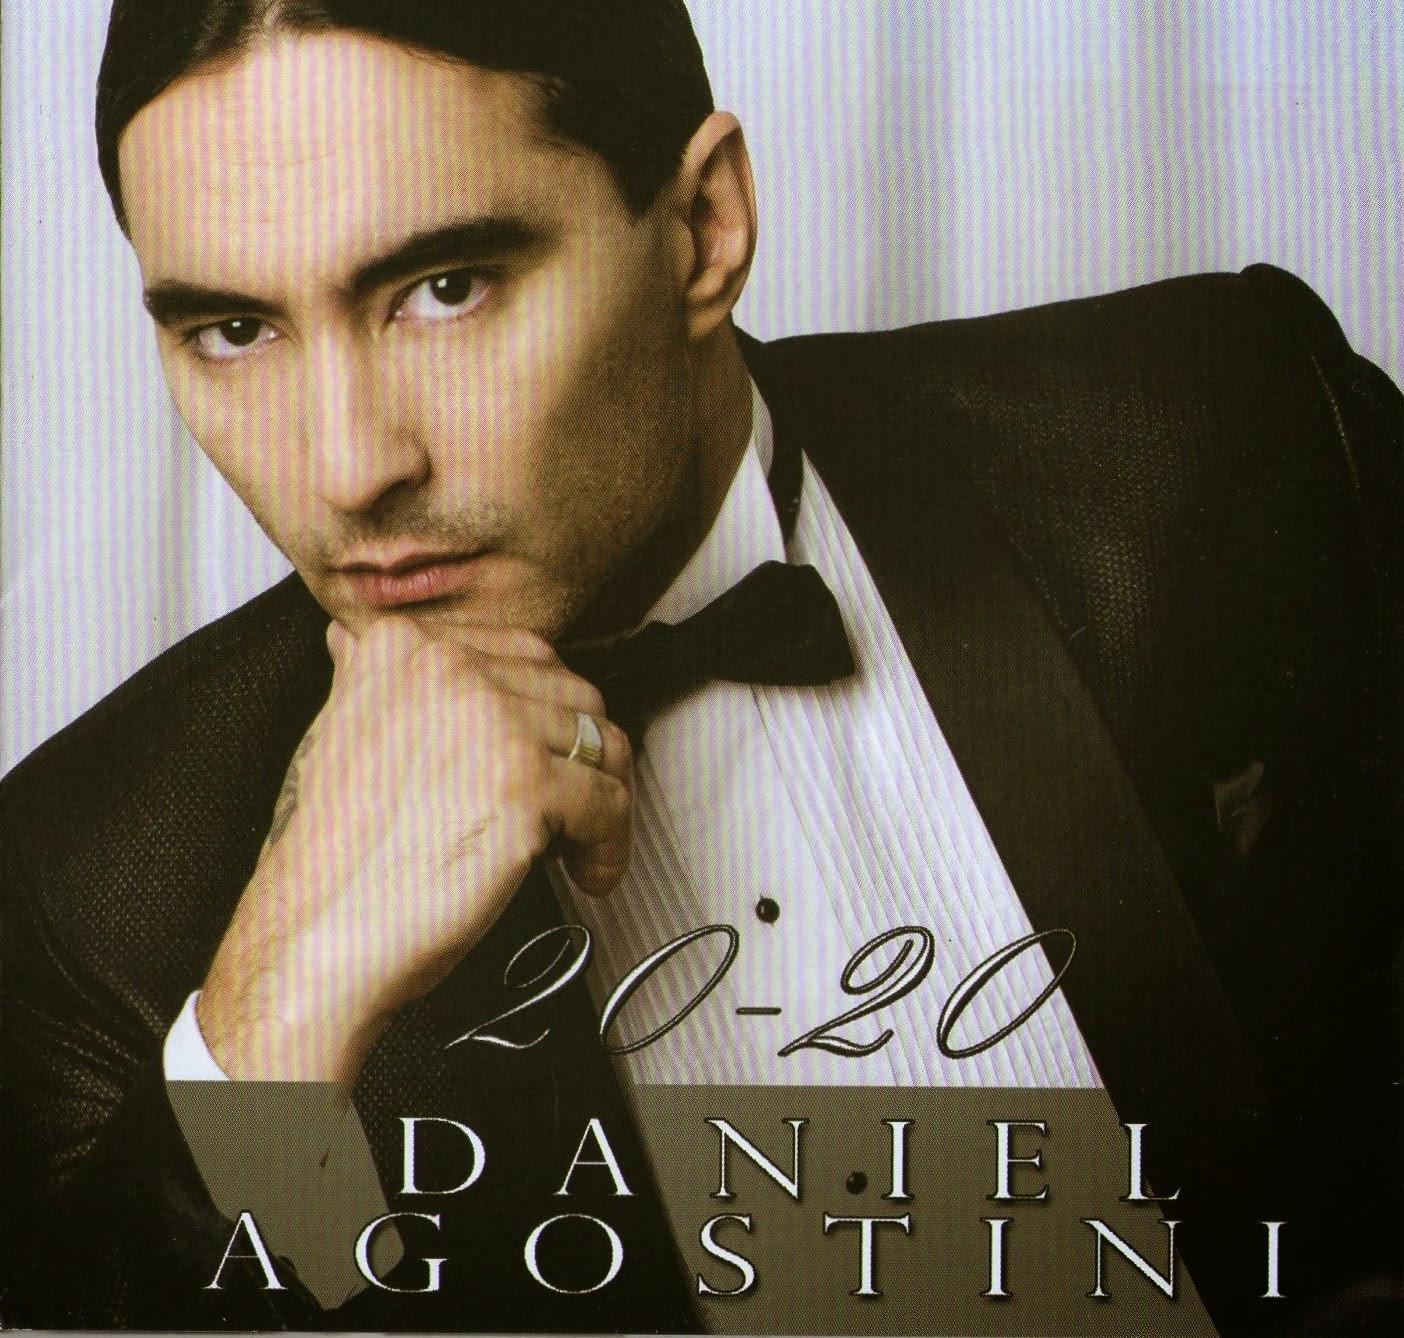 Daniel Agostini - 2020 (2013)